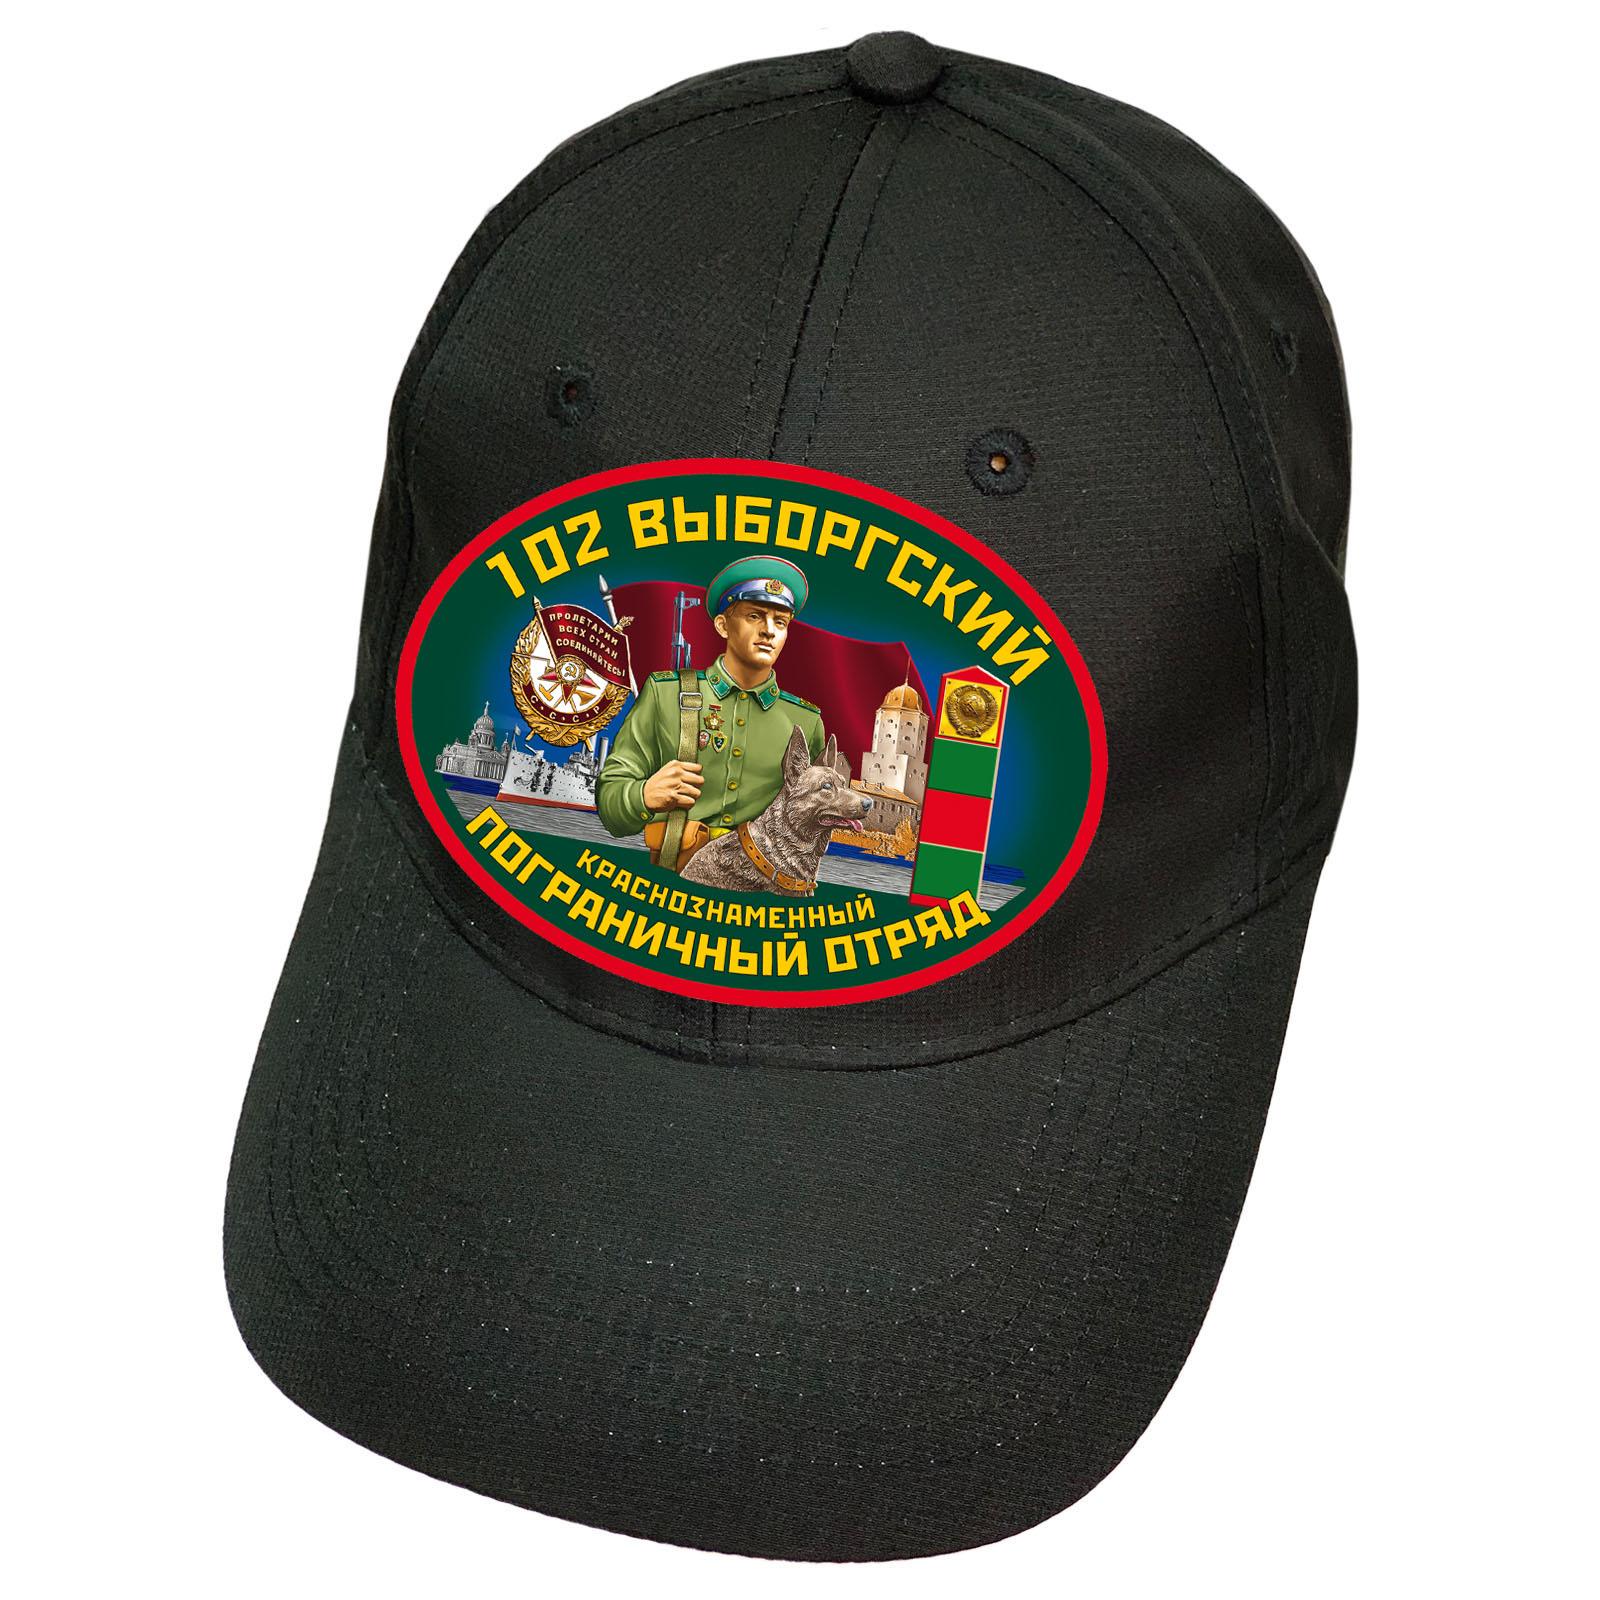 Чёрная кепка 102 Выборгский пограничный отряд